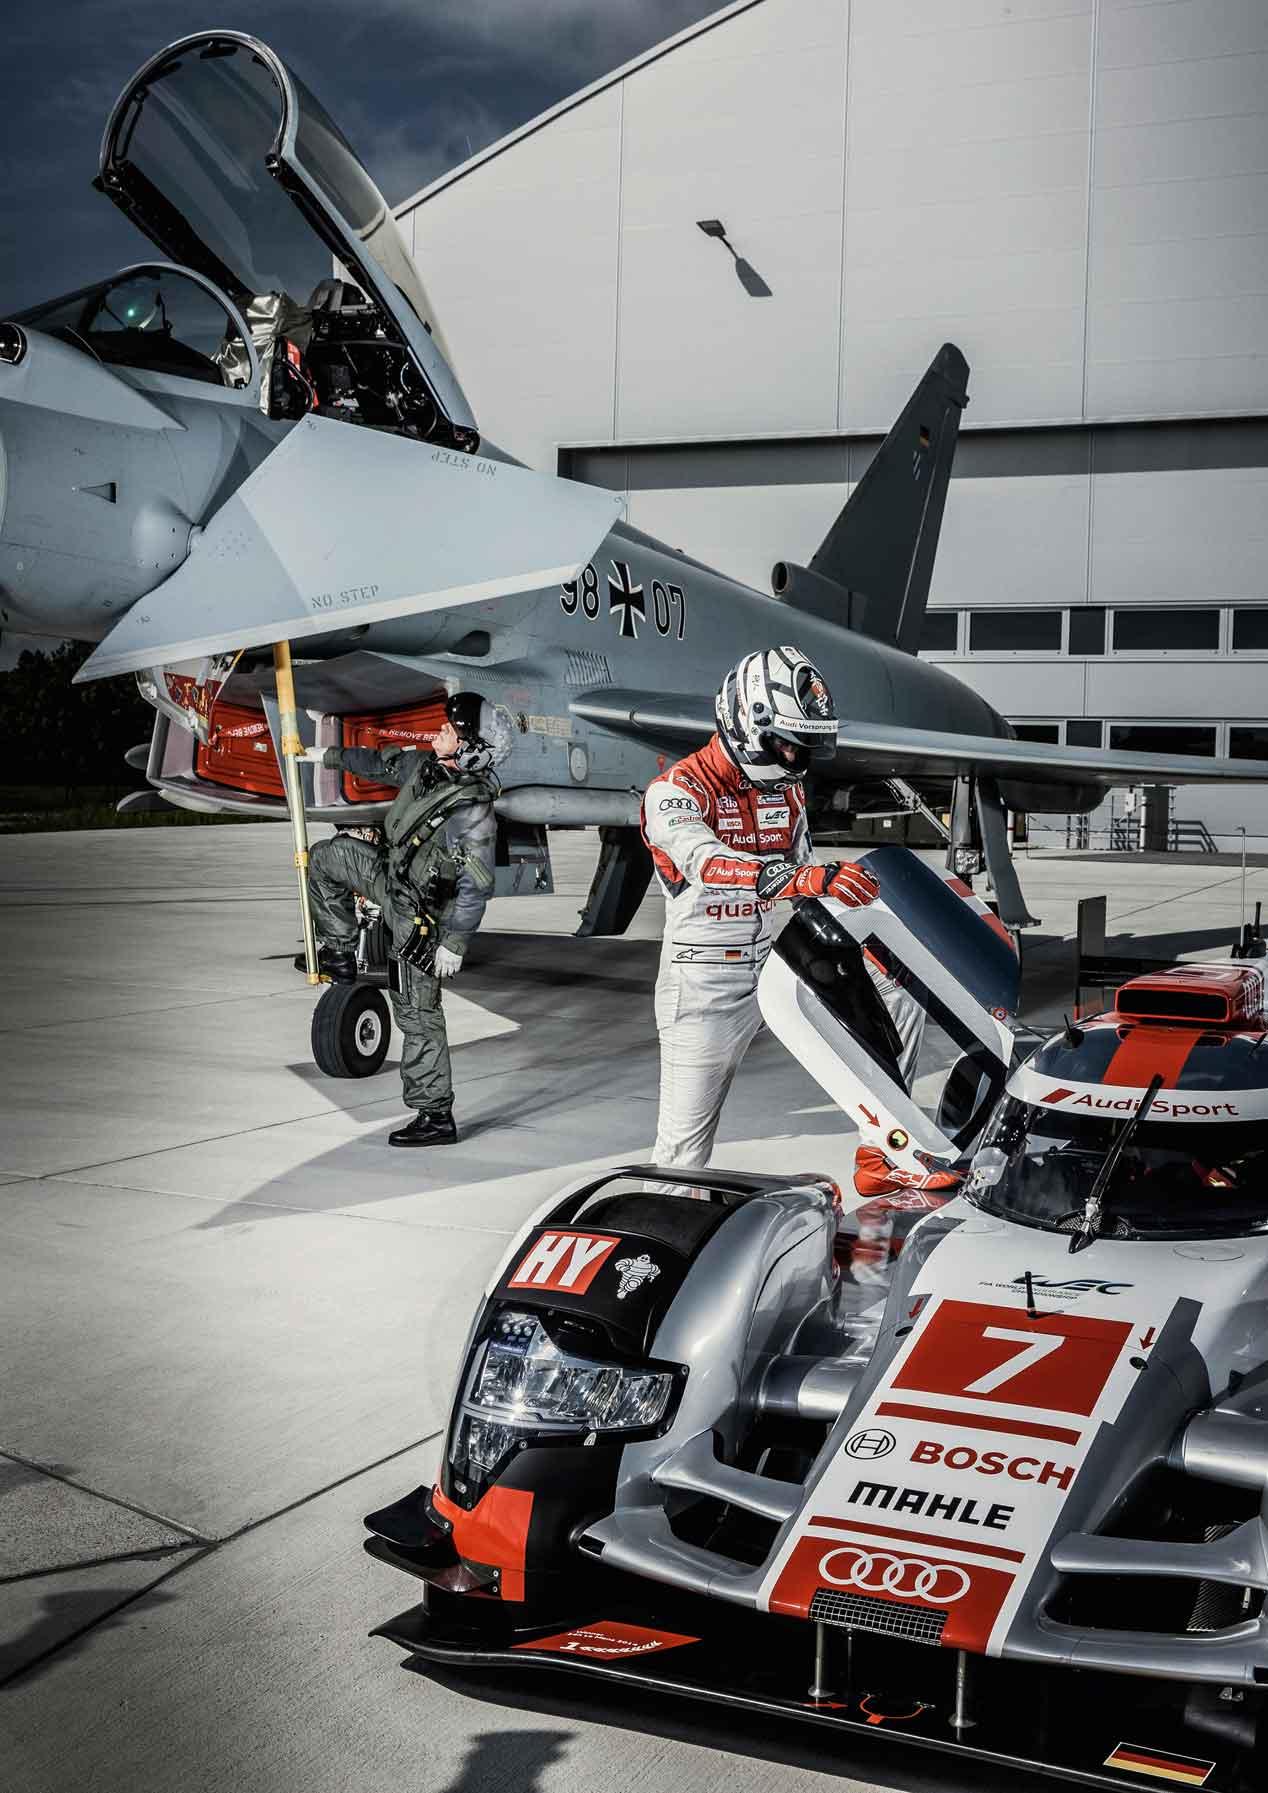 Un jet de combate, cara a cara con un Audi R18 e-tron quattro